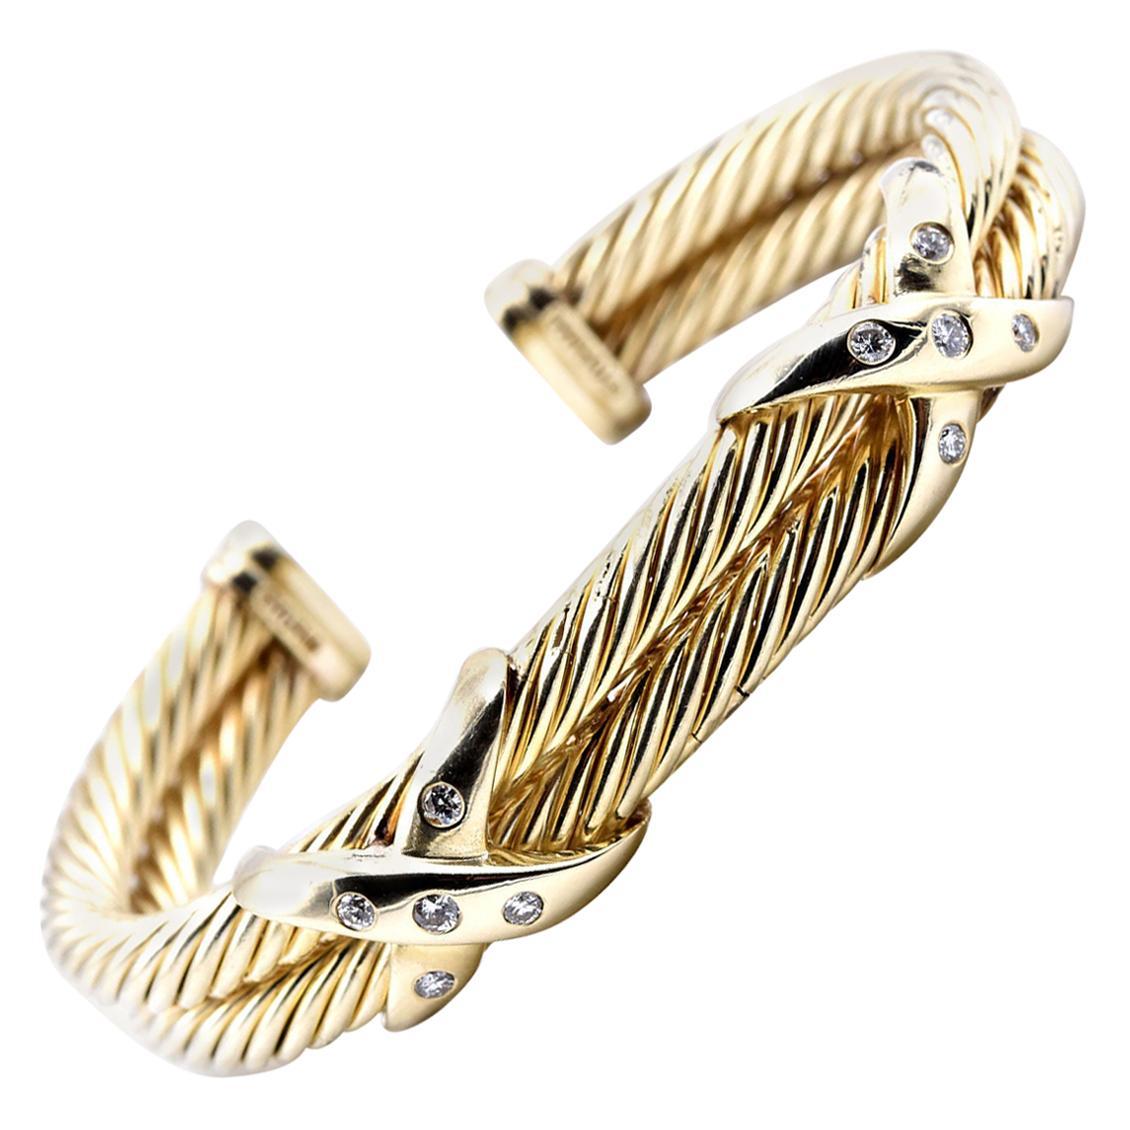 99a49da39 Antique 14k Gold Bracelets - 2,262 For Sale at 1stdibs